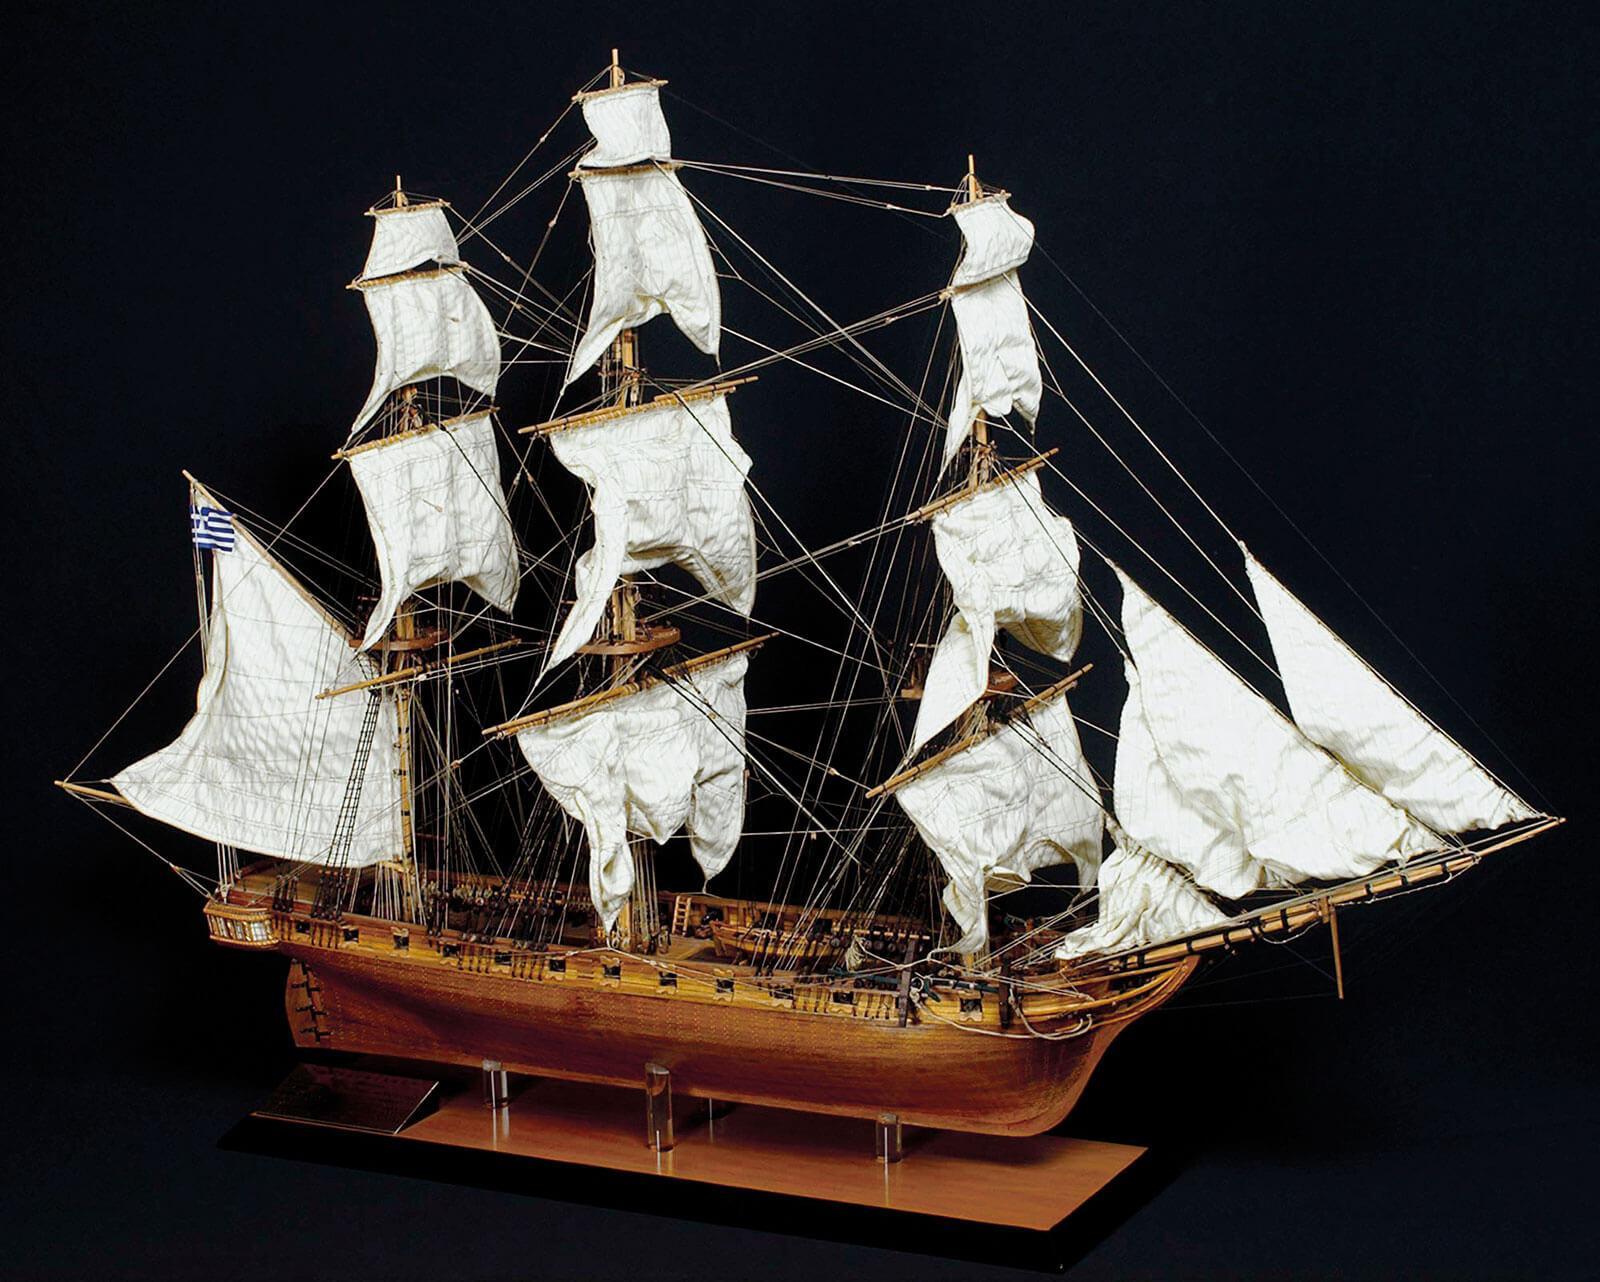 2-Ομοίωμα-κορβέτας,-Ναυτικό-Μουσείο-της-Ελλάδος